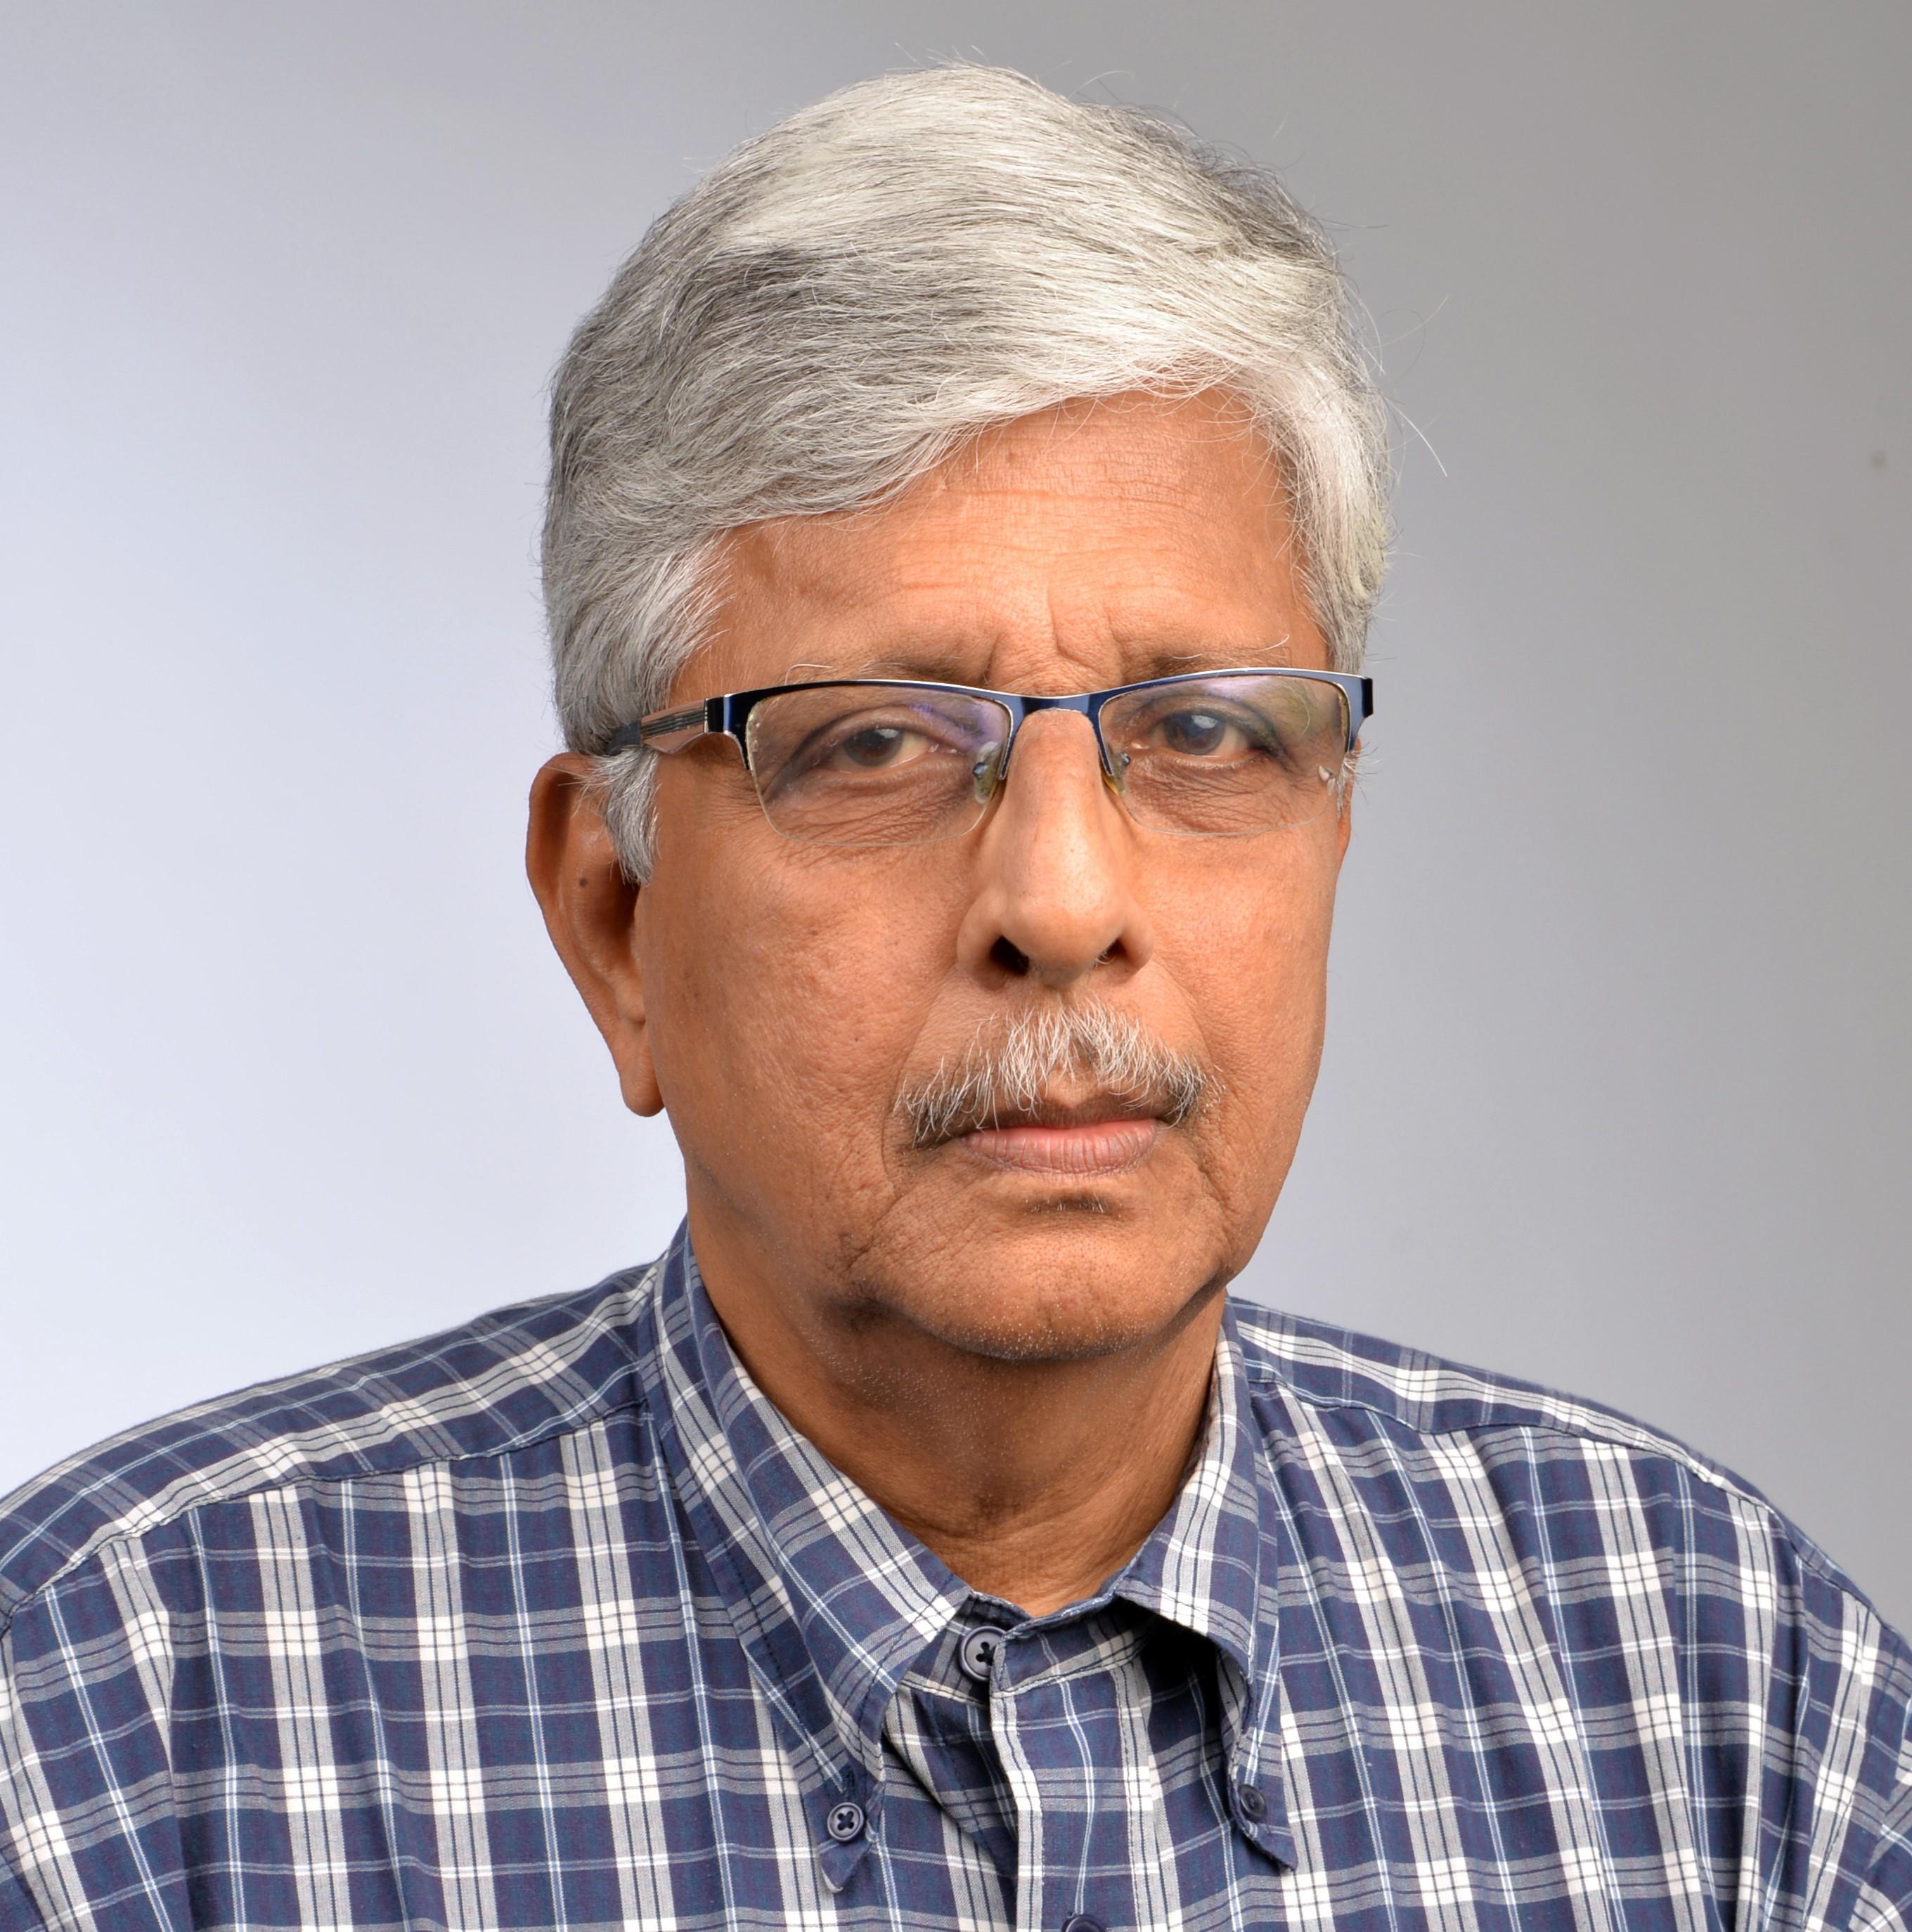 மொழிபெயர்ப்பாளர் என்.கல்யாண ராமன் அவர்களுக்கு  விளக்கு விருது